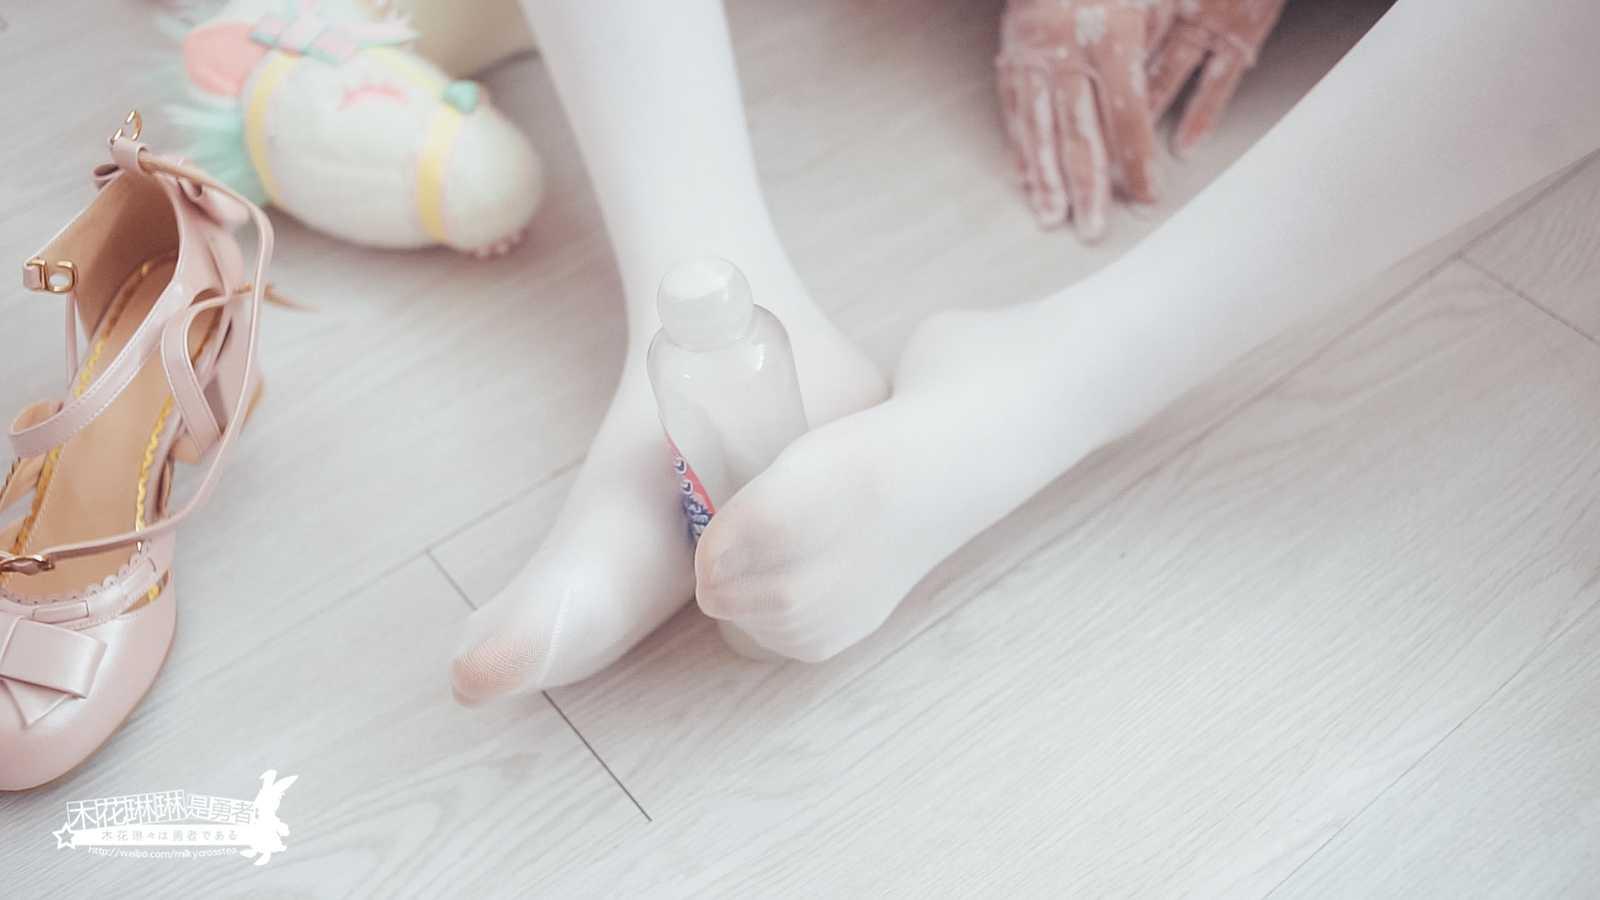 ⭐微博红人⭐木花琳琳是勇者@coser图片-勇者系列06[26P/3V/378MB]